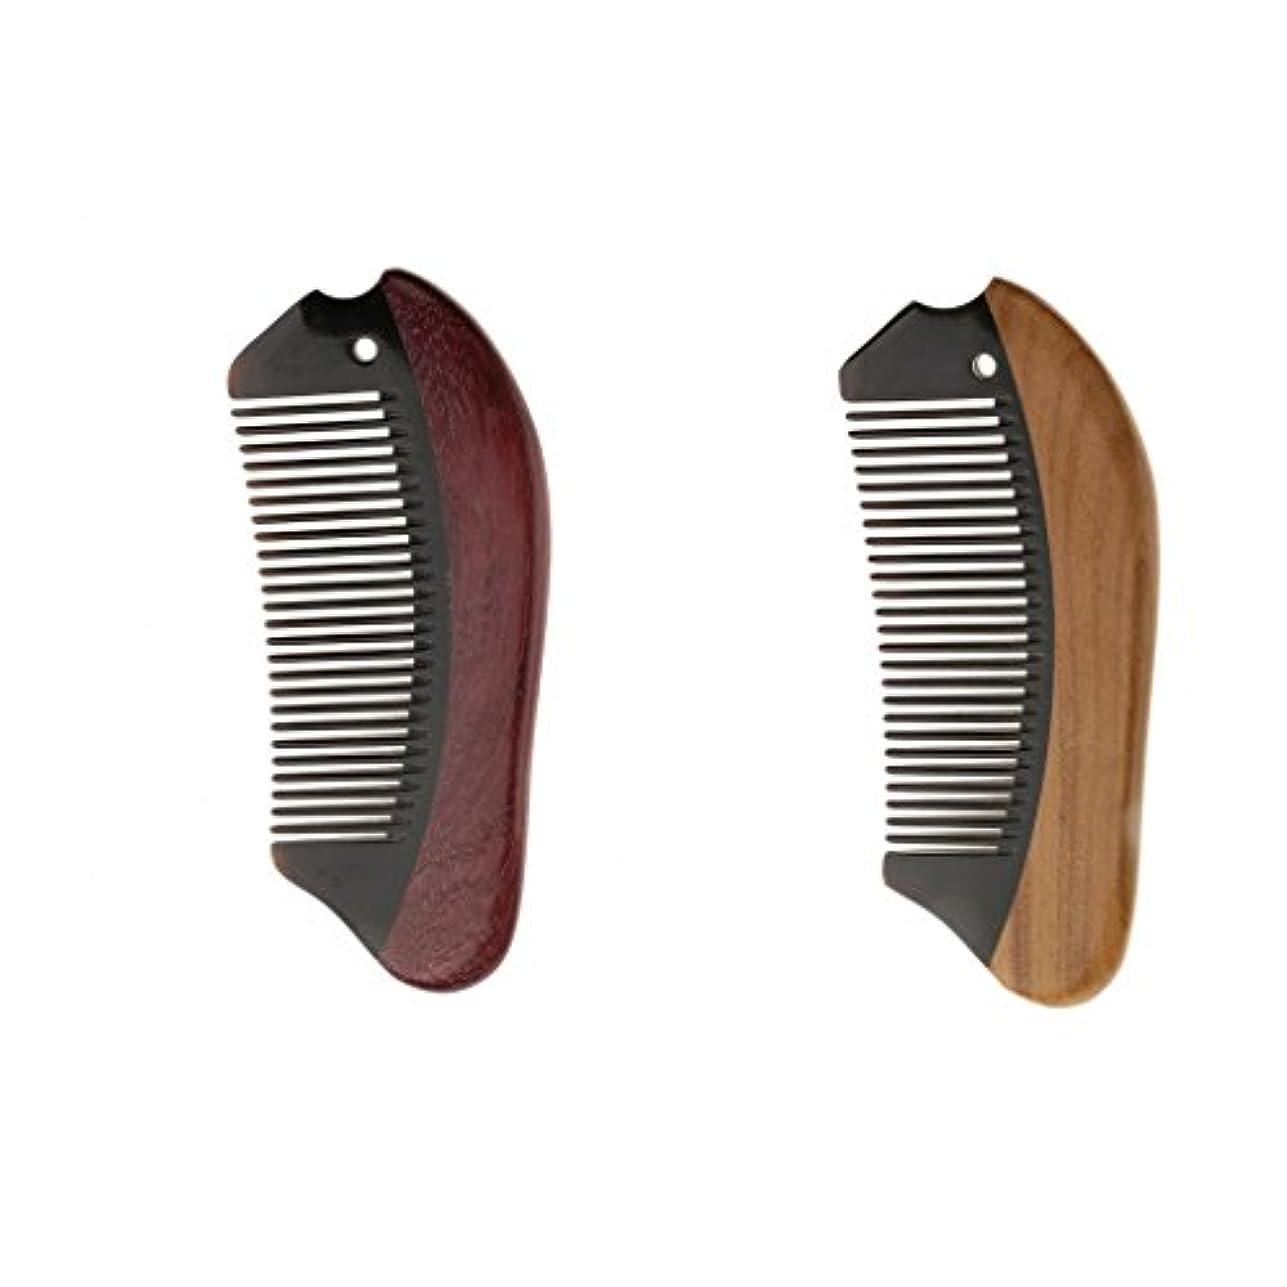 日注釈透ける2個 木製 櫛 コーム 静電気防止 マッサージ 高品質 プレゼント 滑らか 快適